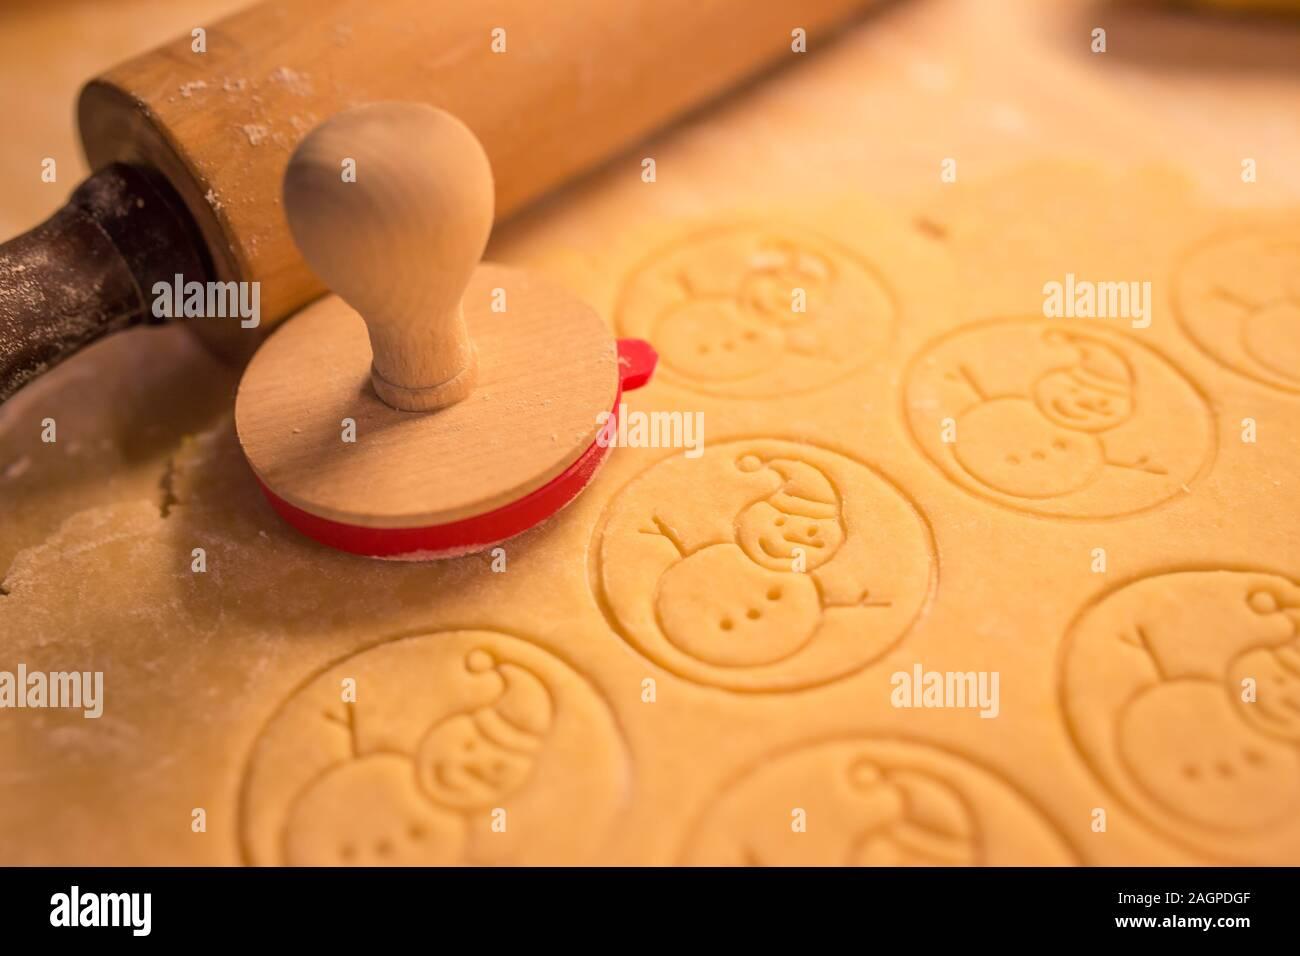 Boulangerie cookies de Noël avec de la pâte à biscuit et avec le thème de noël forme - thème de Noël pâte stamp, bonhomme. Banque D'Images